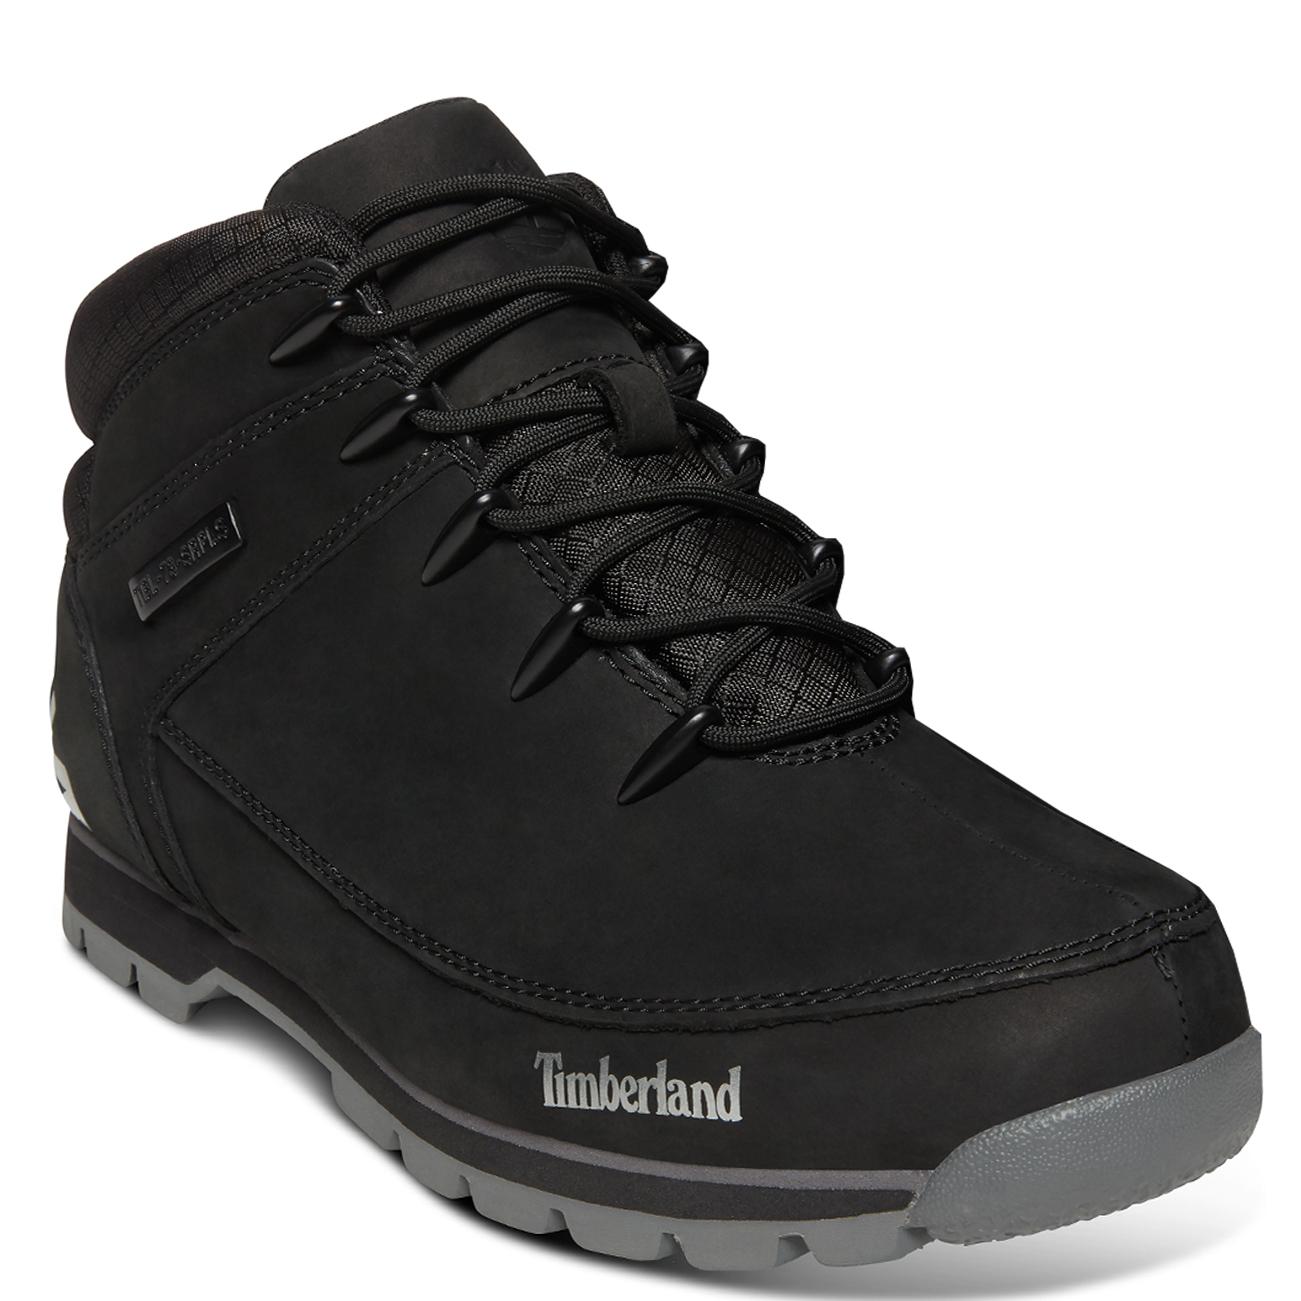 Timberland Euro Sprint Hiker Boots